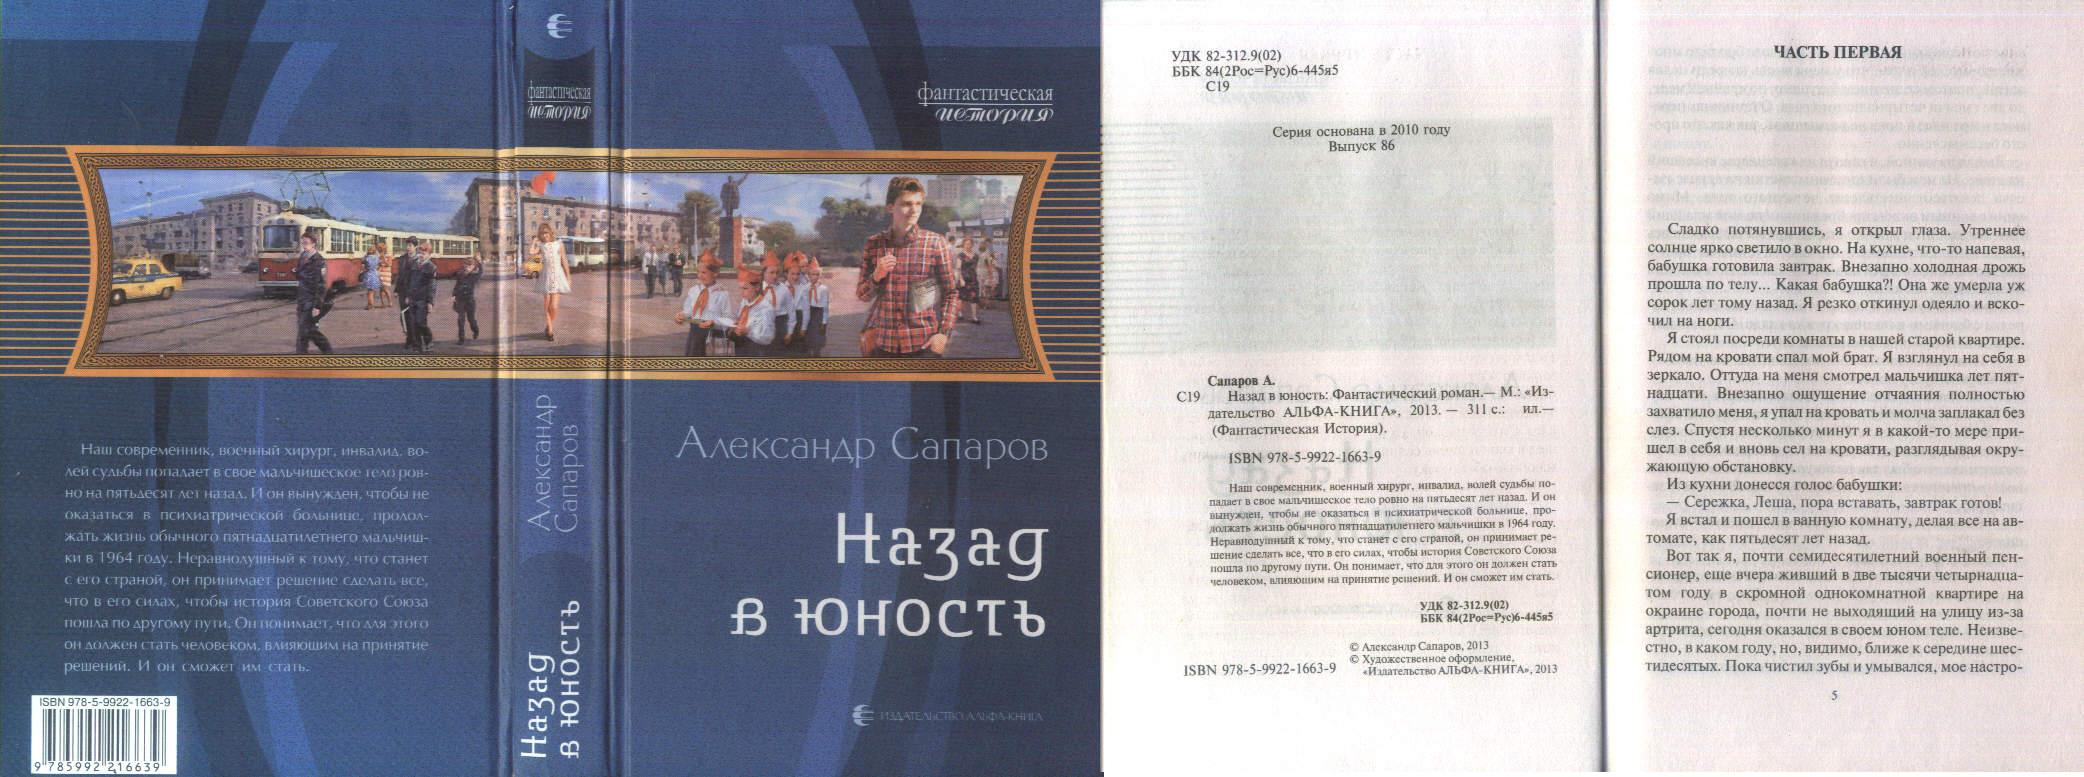 АЛЕКСАНДР ЮРЬЕВИЧ САПАРОВ НАЗАД В ЮНОСТЬ 2 СКАЧАТЬ БЕСПЛАТНО